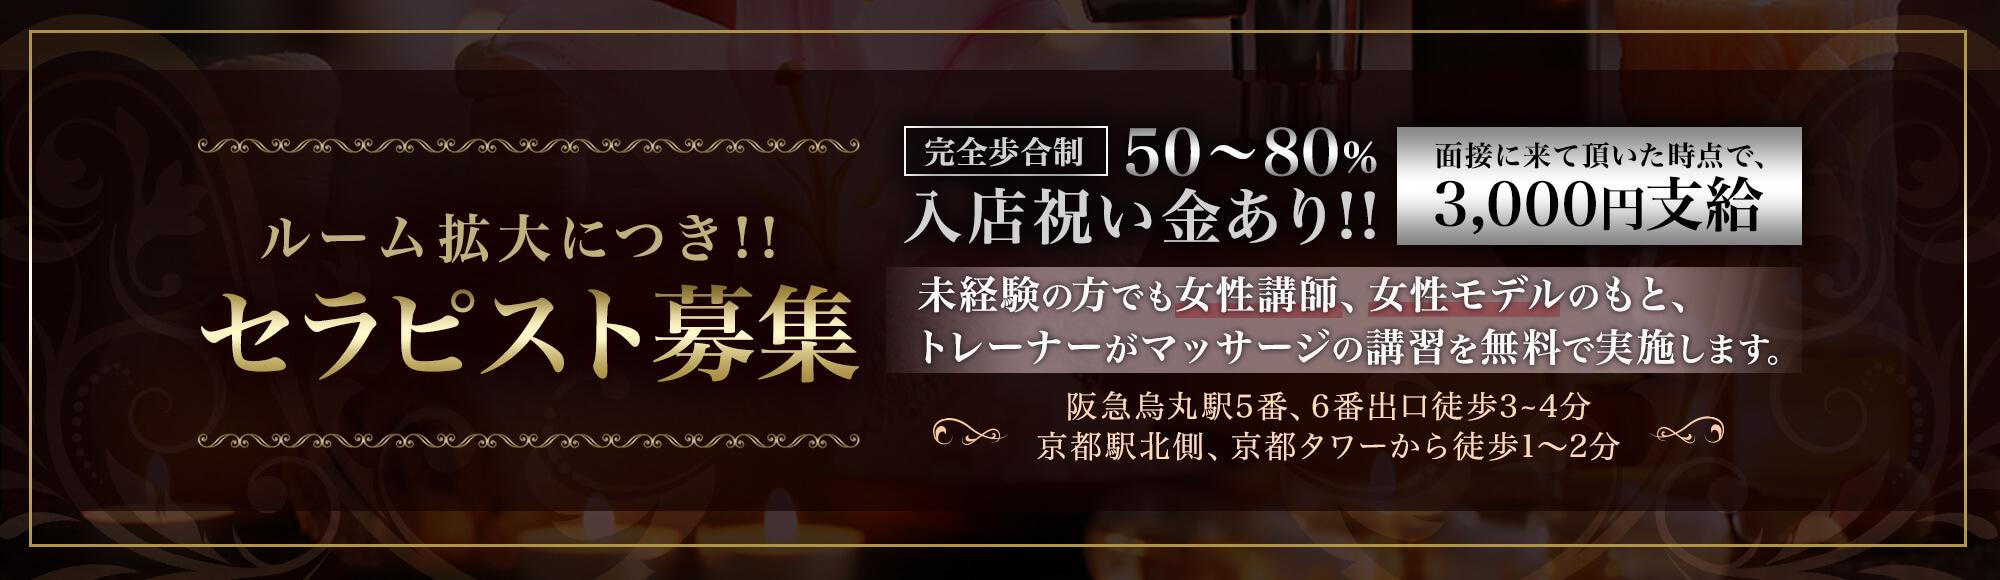 京都 個室メンズエステ「ORIENTAL.SPA-オリエンタルスパ」のイベントバナー03